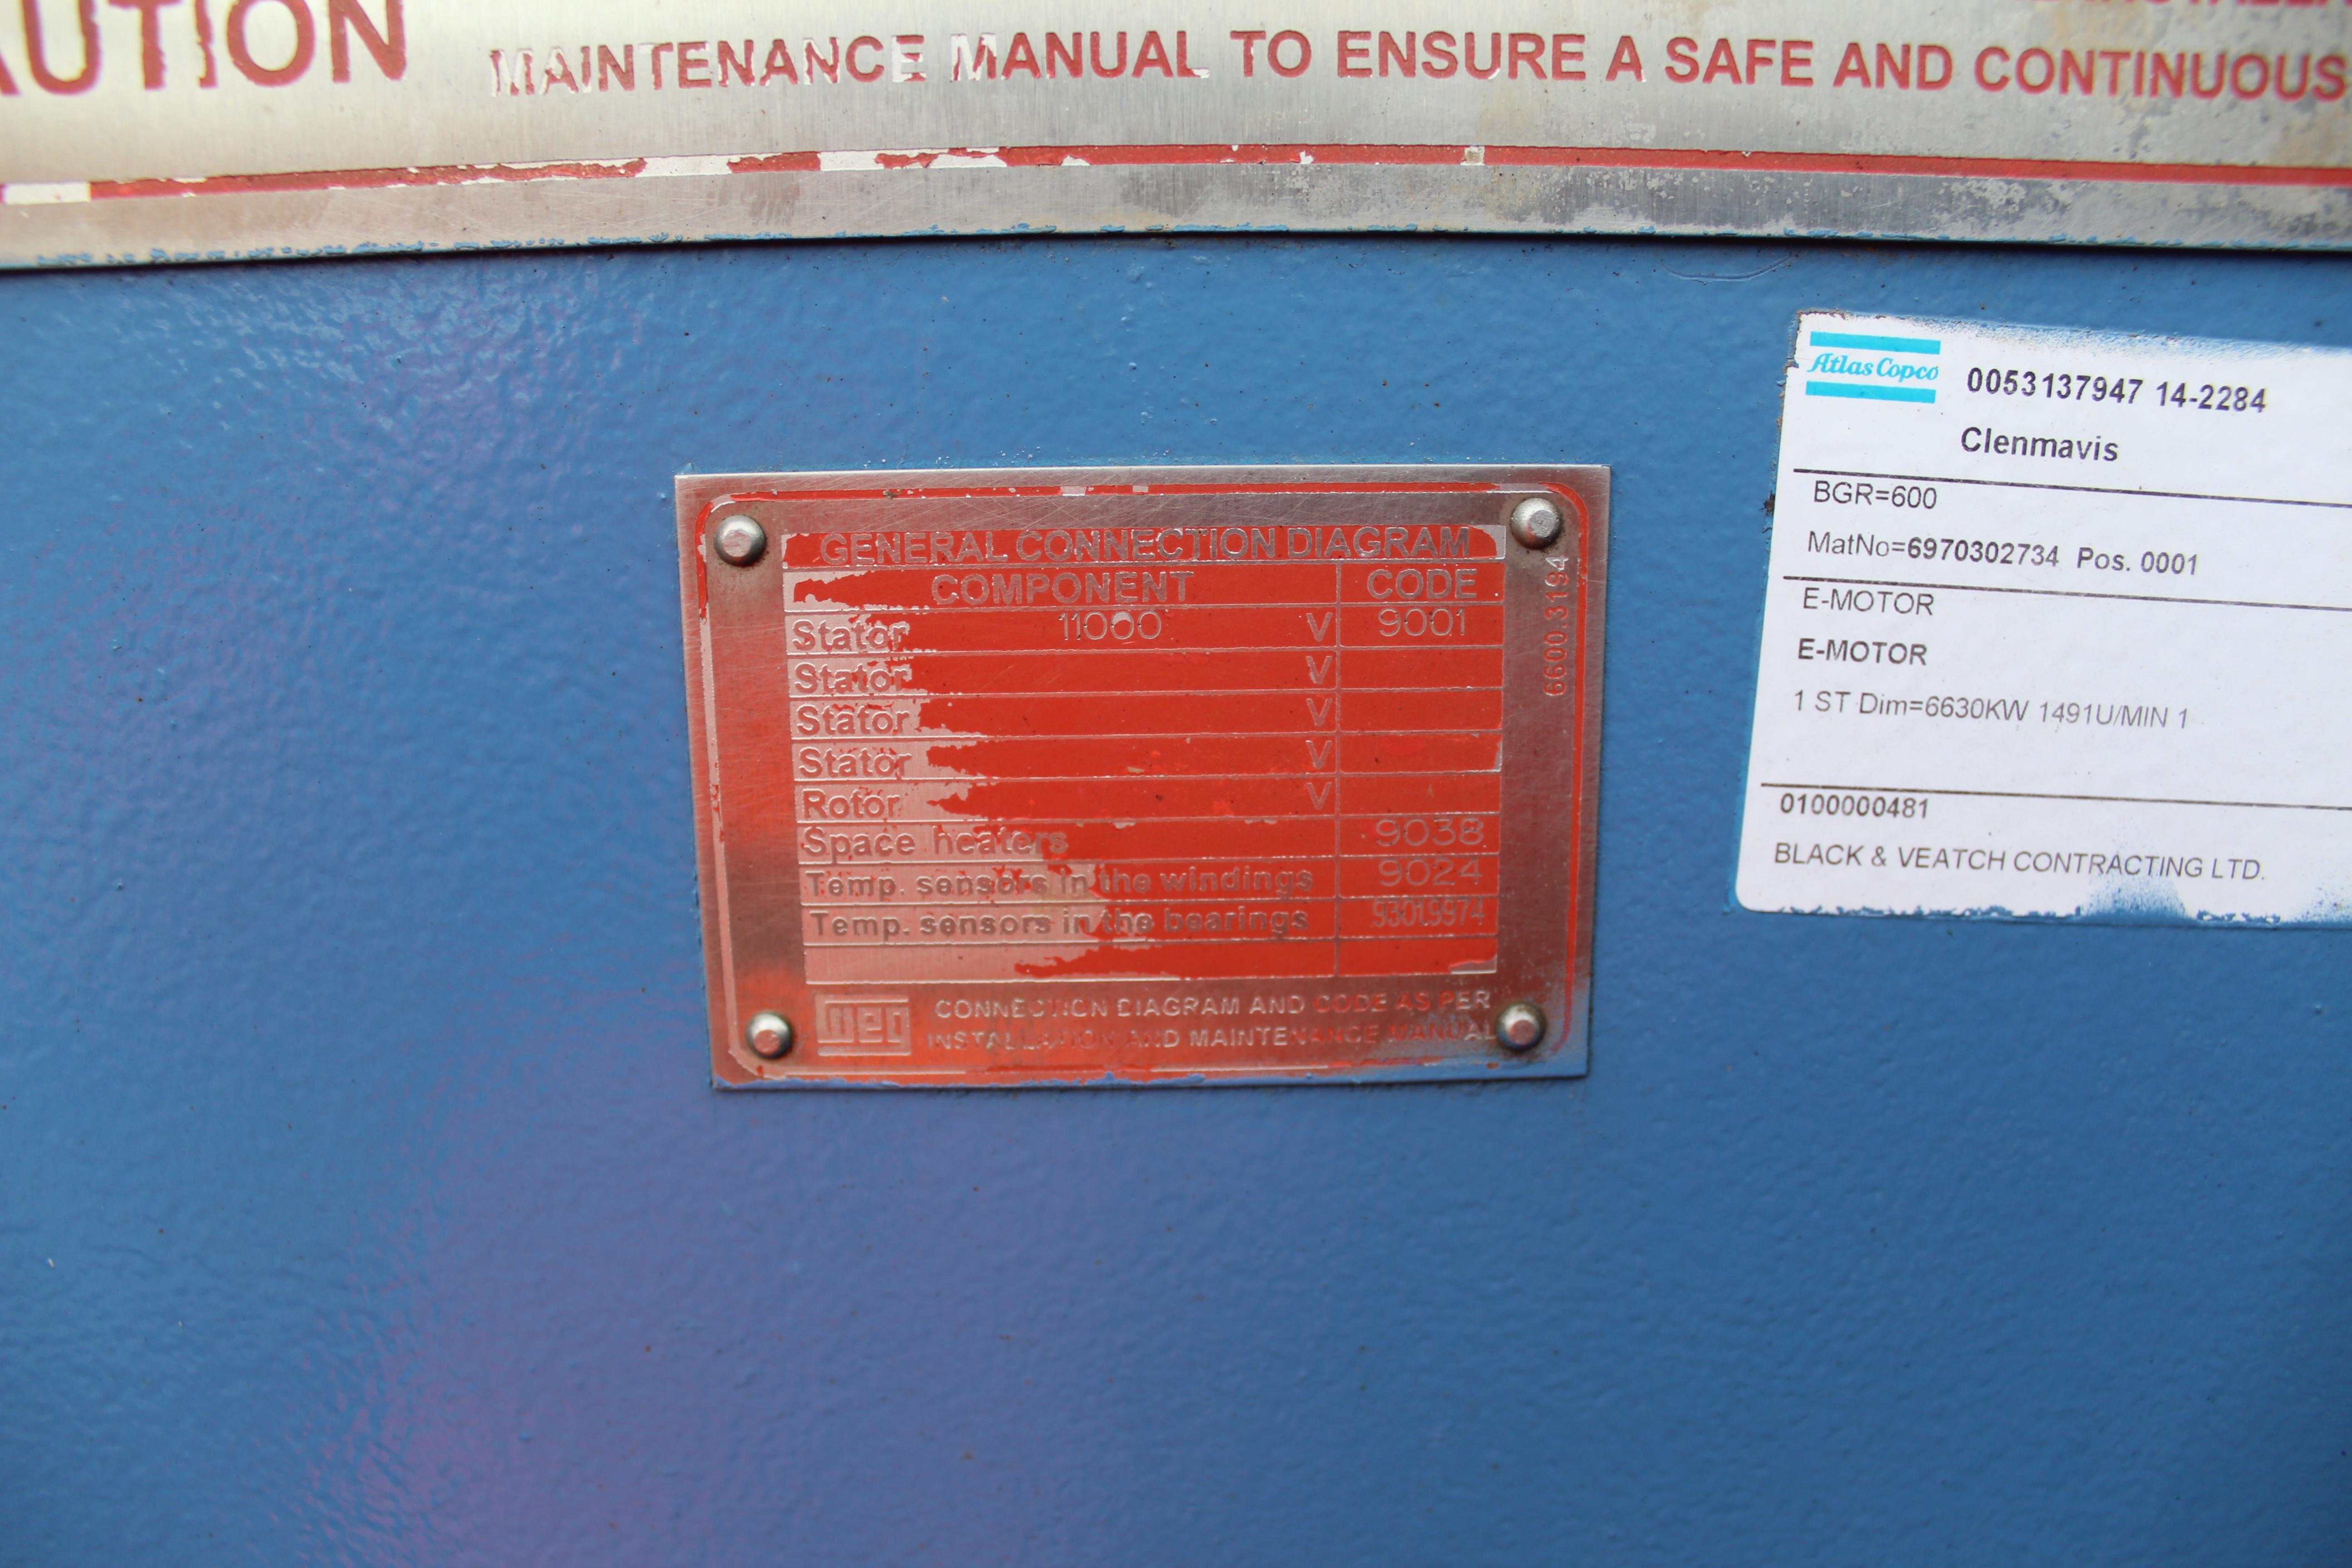 Atlas Copco Compressor Euro Demolition Wiring Diagram